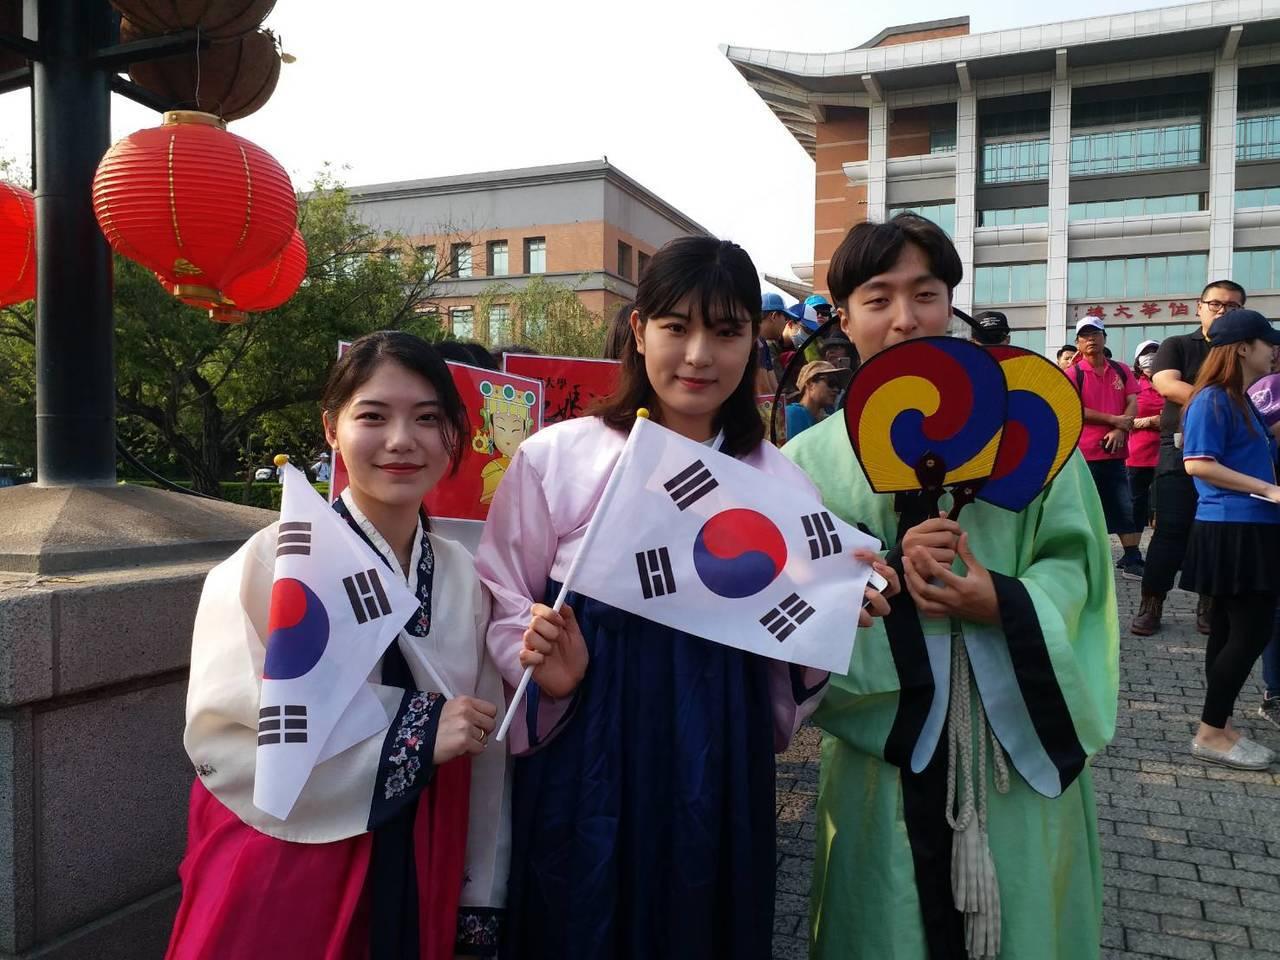 明道大學南韓外籍學生穿上南韓國服,迎接大甲媽鑾轎進入校園賜福。照片/明道大學提供